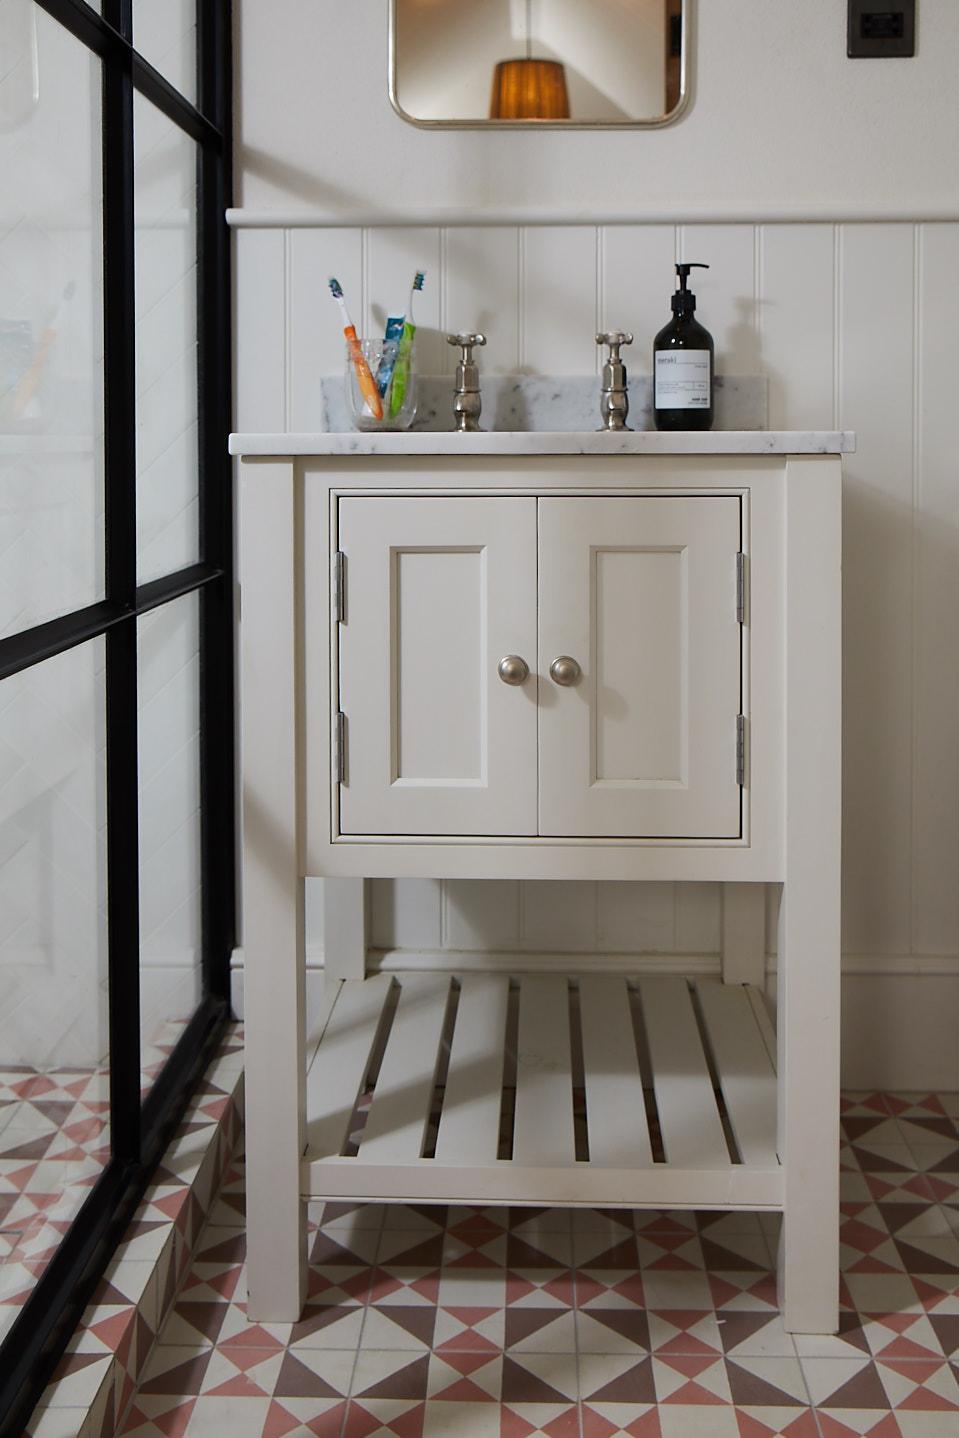 Simple painted single vanity unit